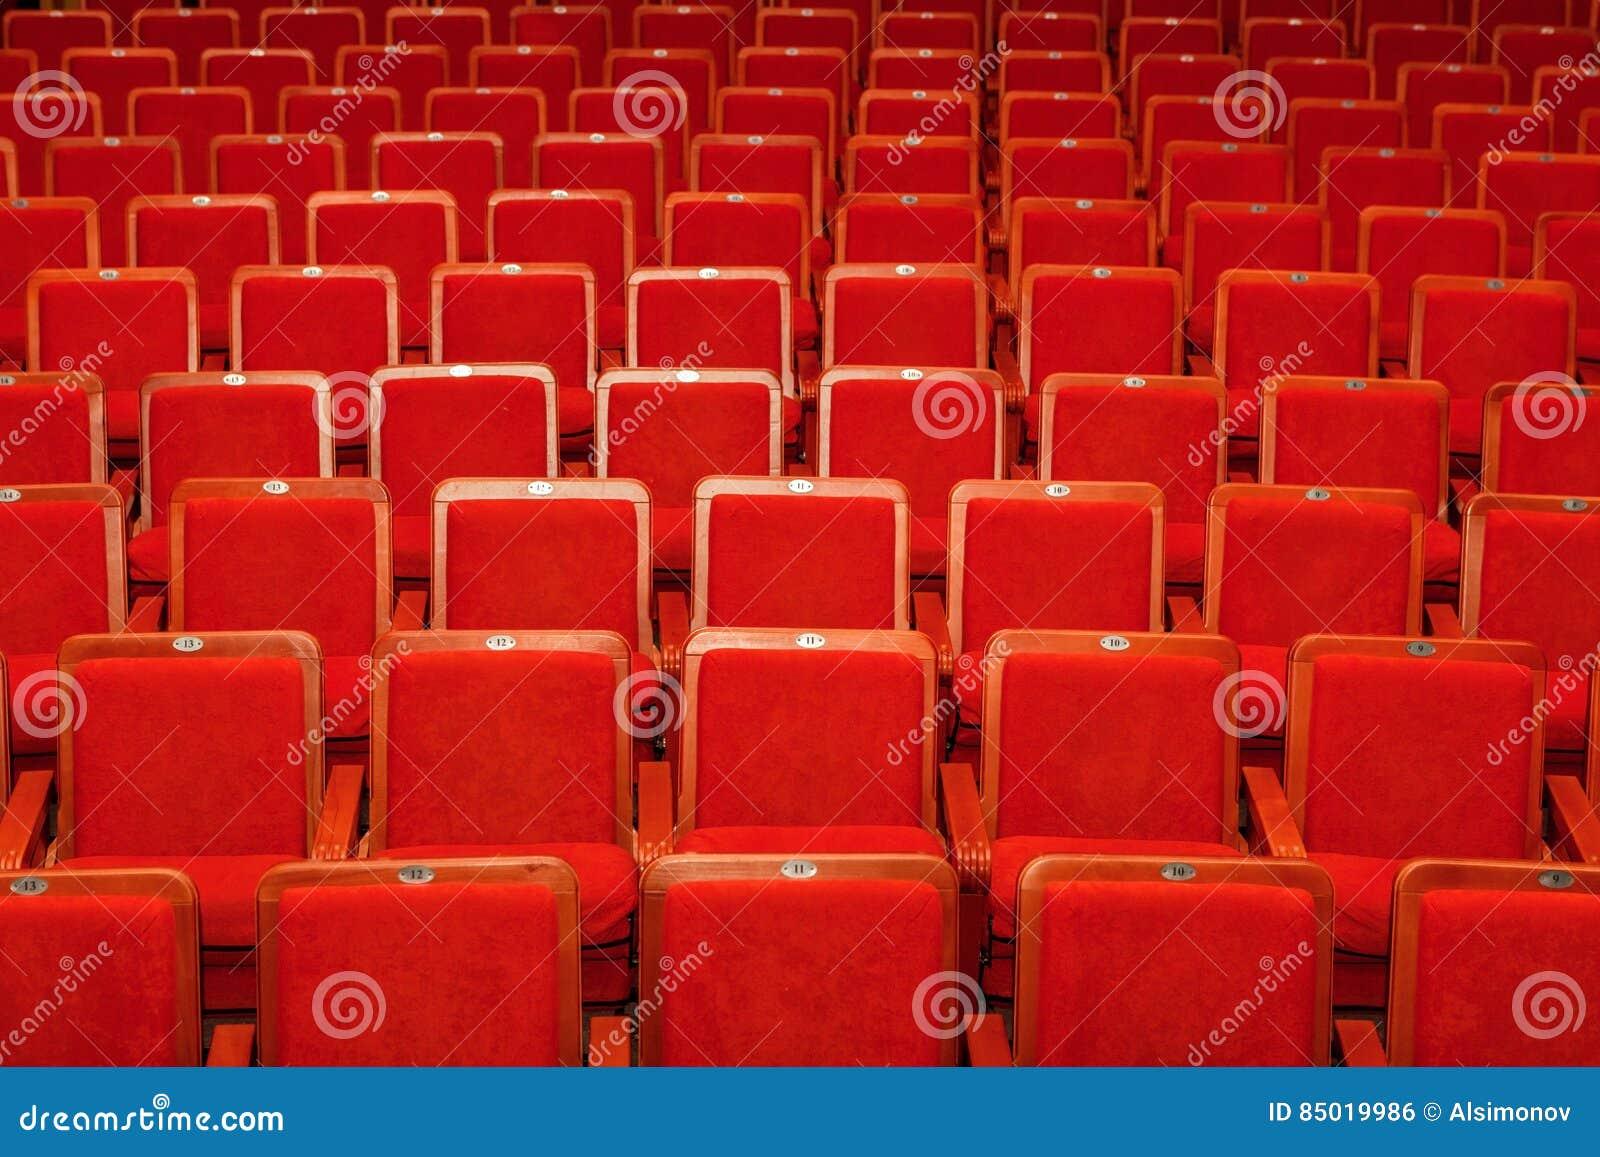 Rode stoelen voor het publiek in de bioskoop of het theater